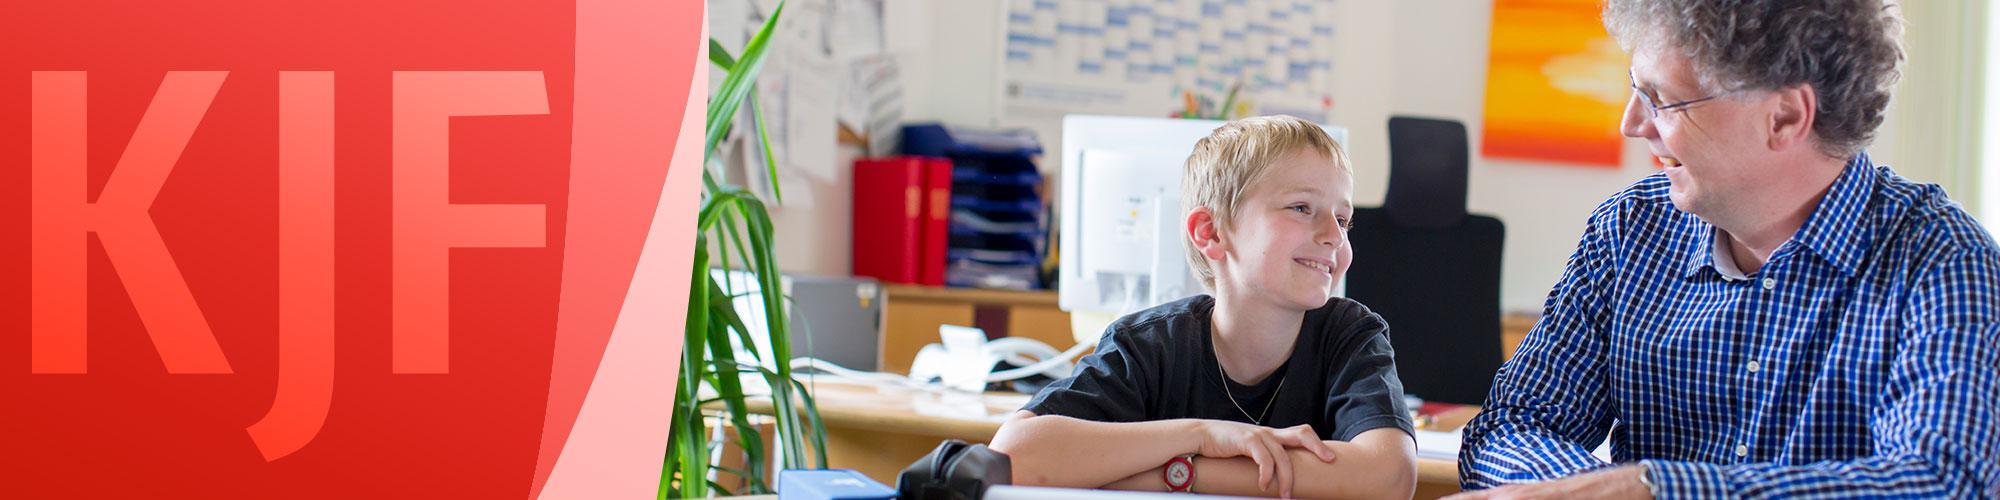 KJF Kinder- und Jugendhilfe Dillingen